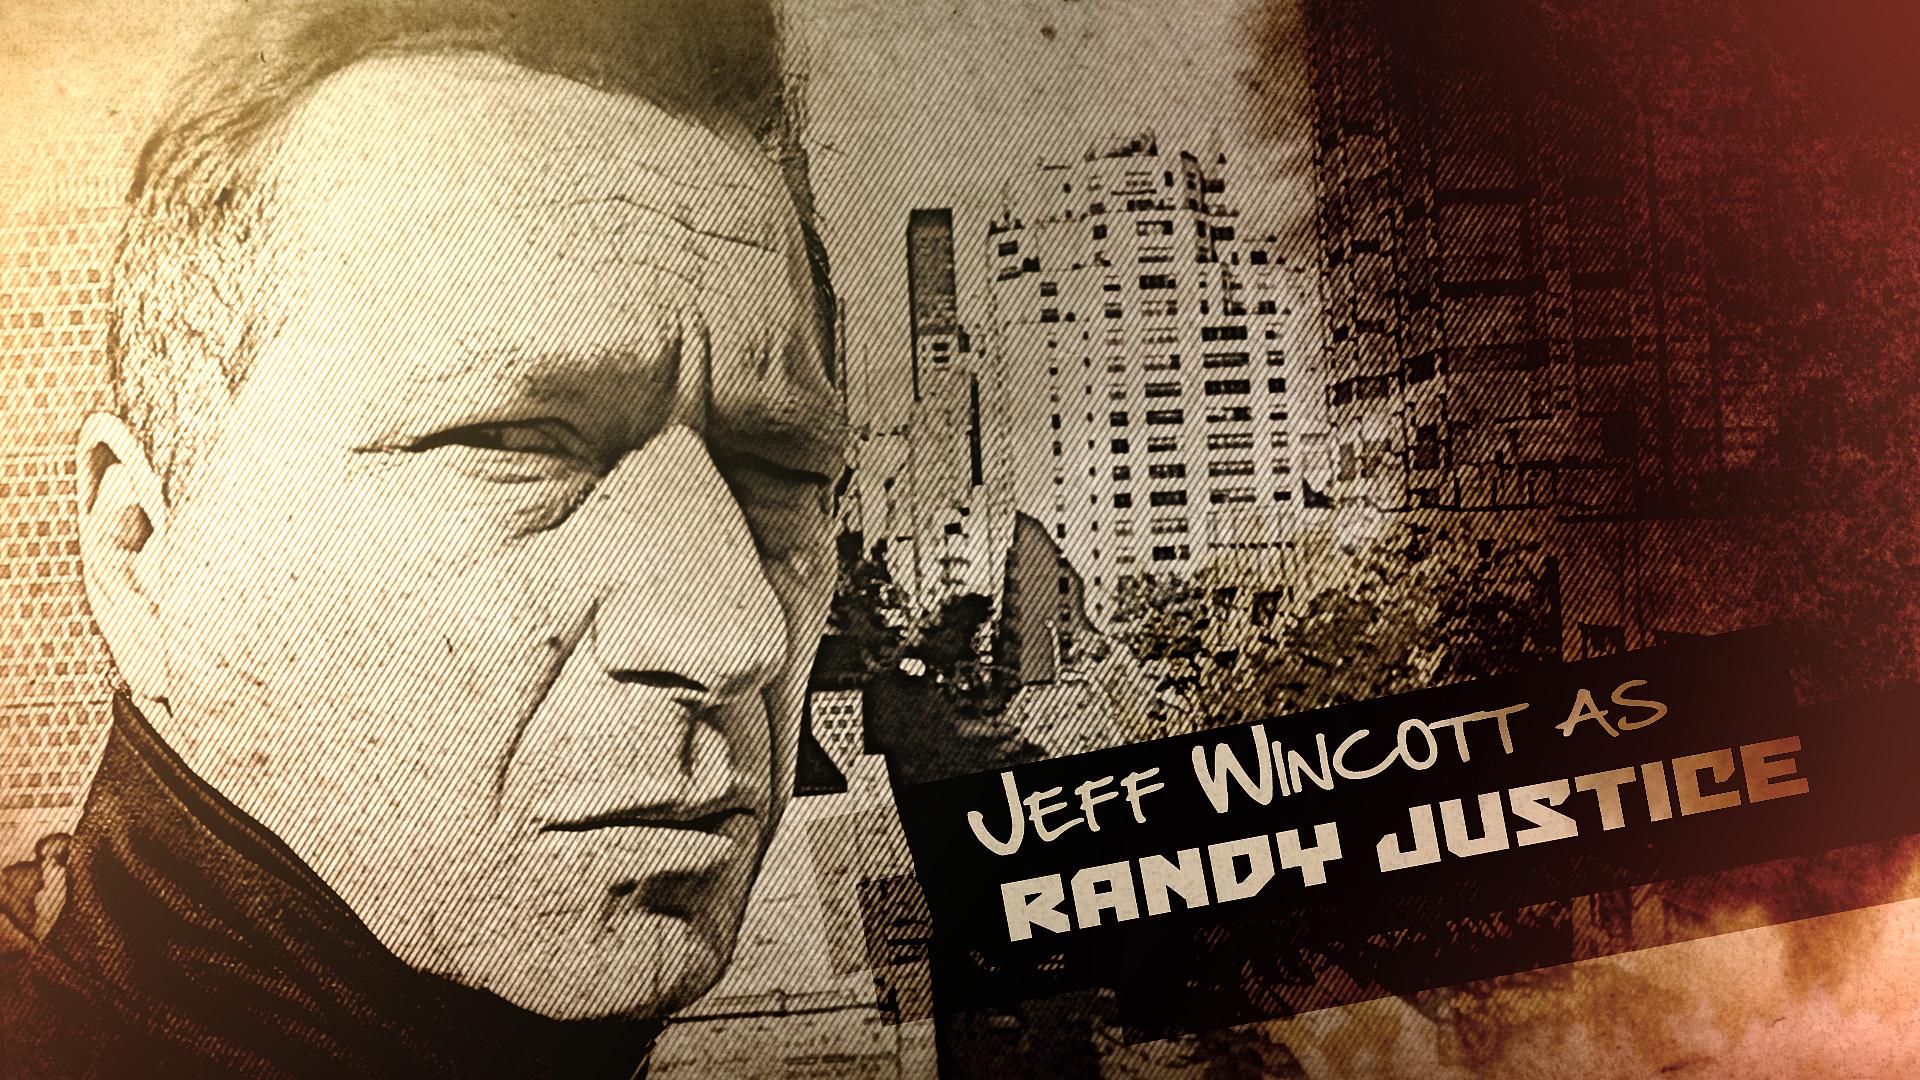 Jeff Wincott as RANDY JUSTICE